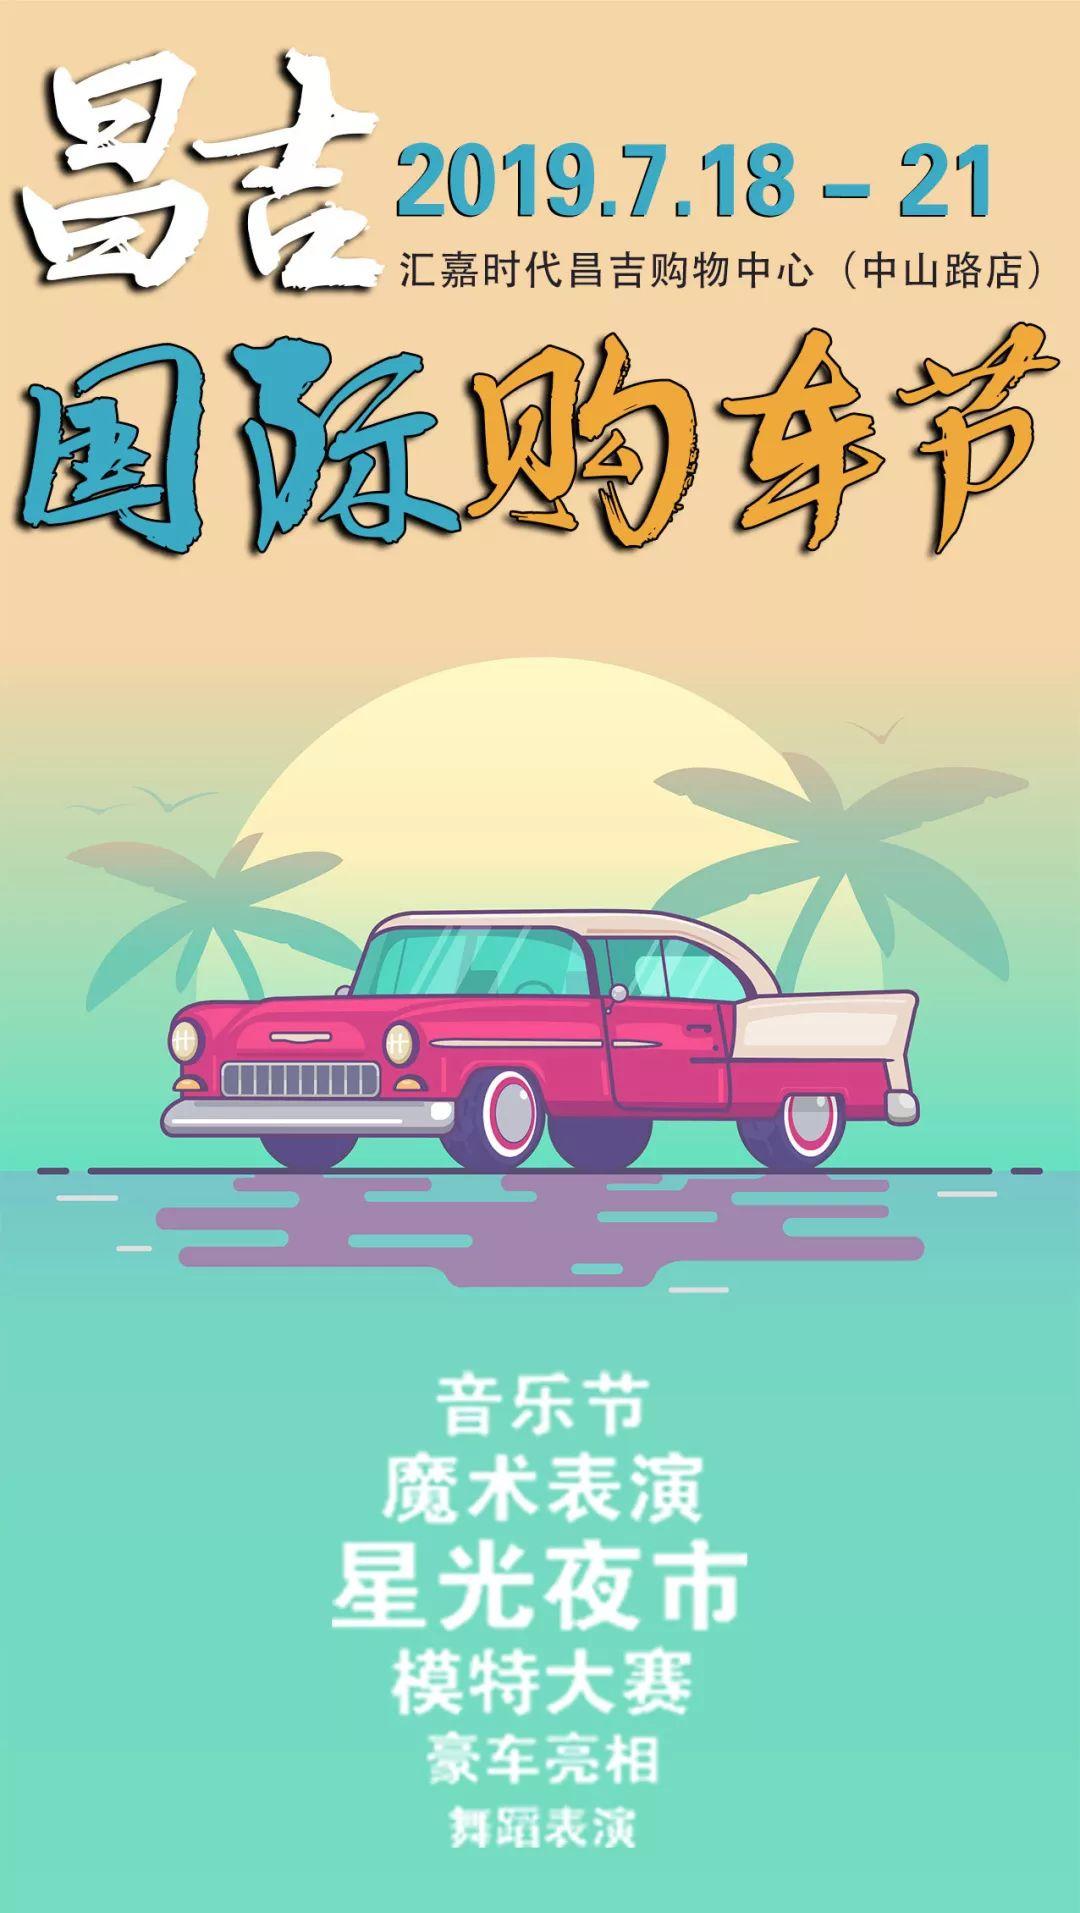 昌吉国际购车节